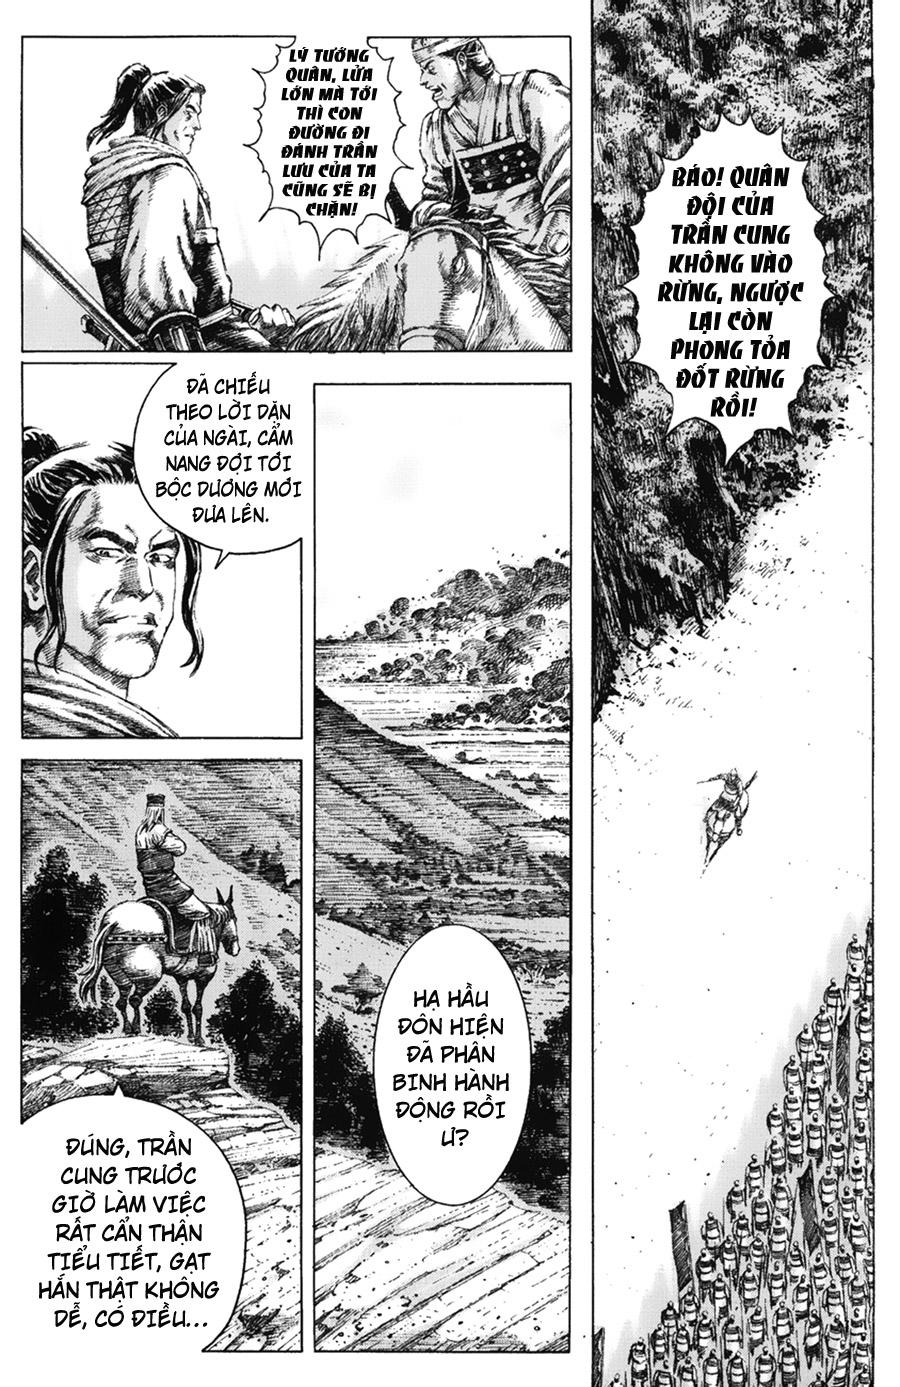 Hỏa Phụng Liêu Nguyên tập 117 - 8